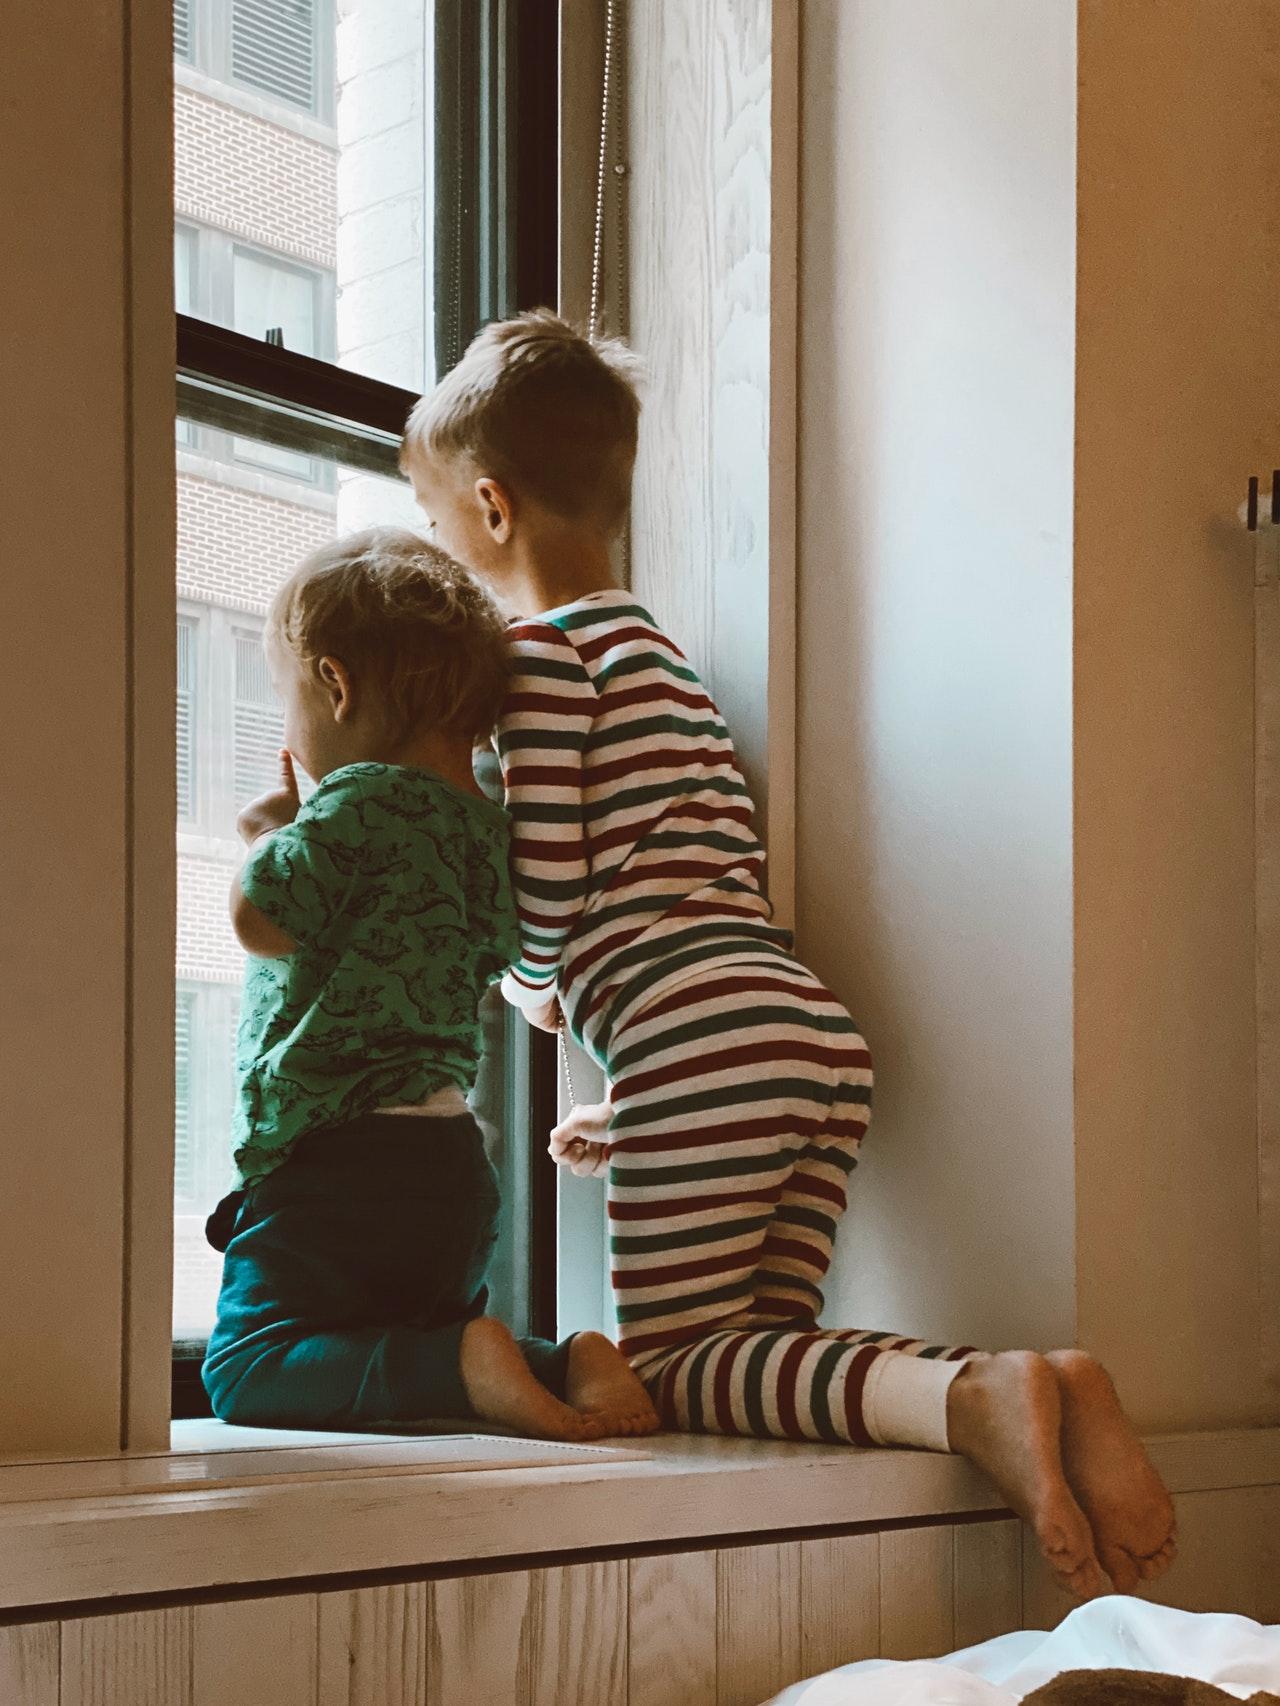 Alle Eltern kennen es: Da lässt man seinen Schatz nur kurz unbeaufsichtigt und schon vergessen sie alle Regeln. Mit einer Kindersicherung Schrank kann die Gefahr deutlich reduziert werden.